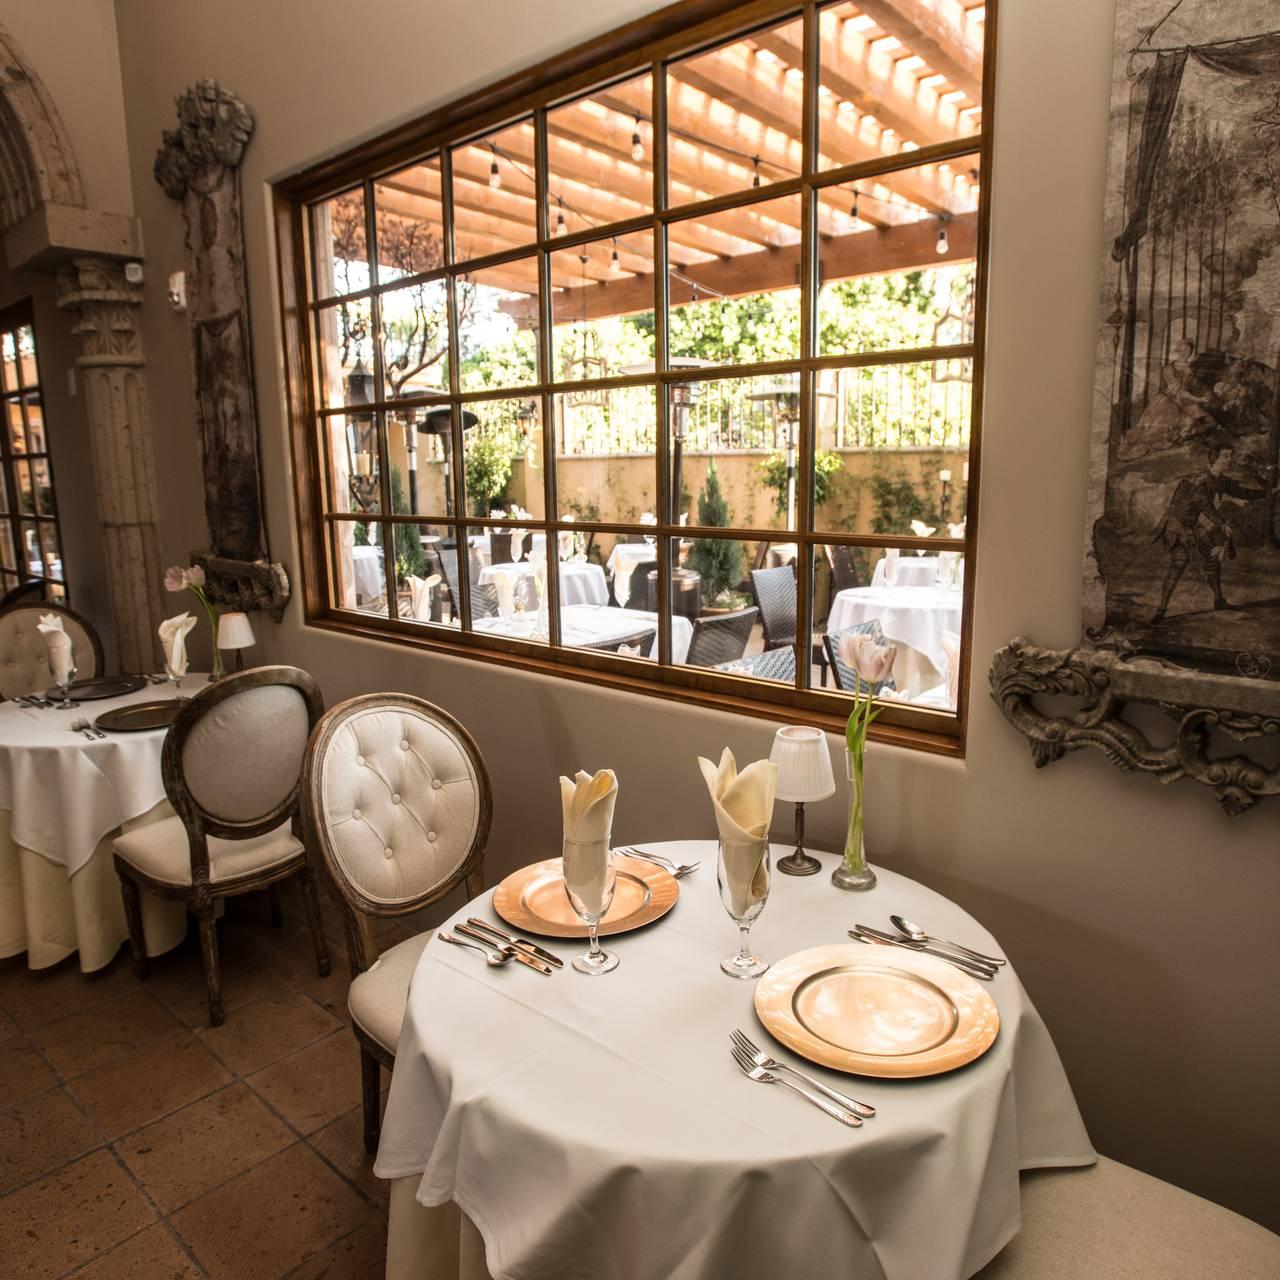 Café Monarch Restaurant - Scottsdale, AZ | OpenTable